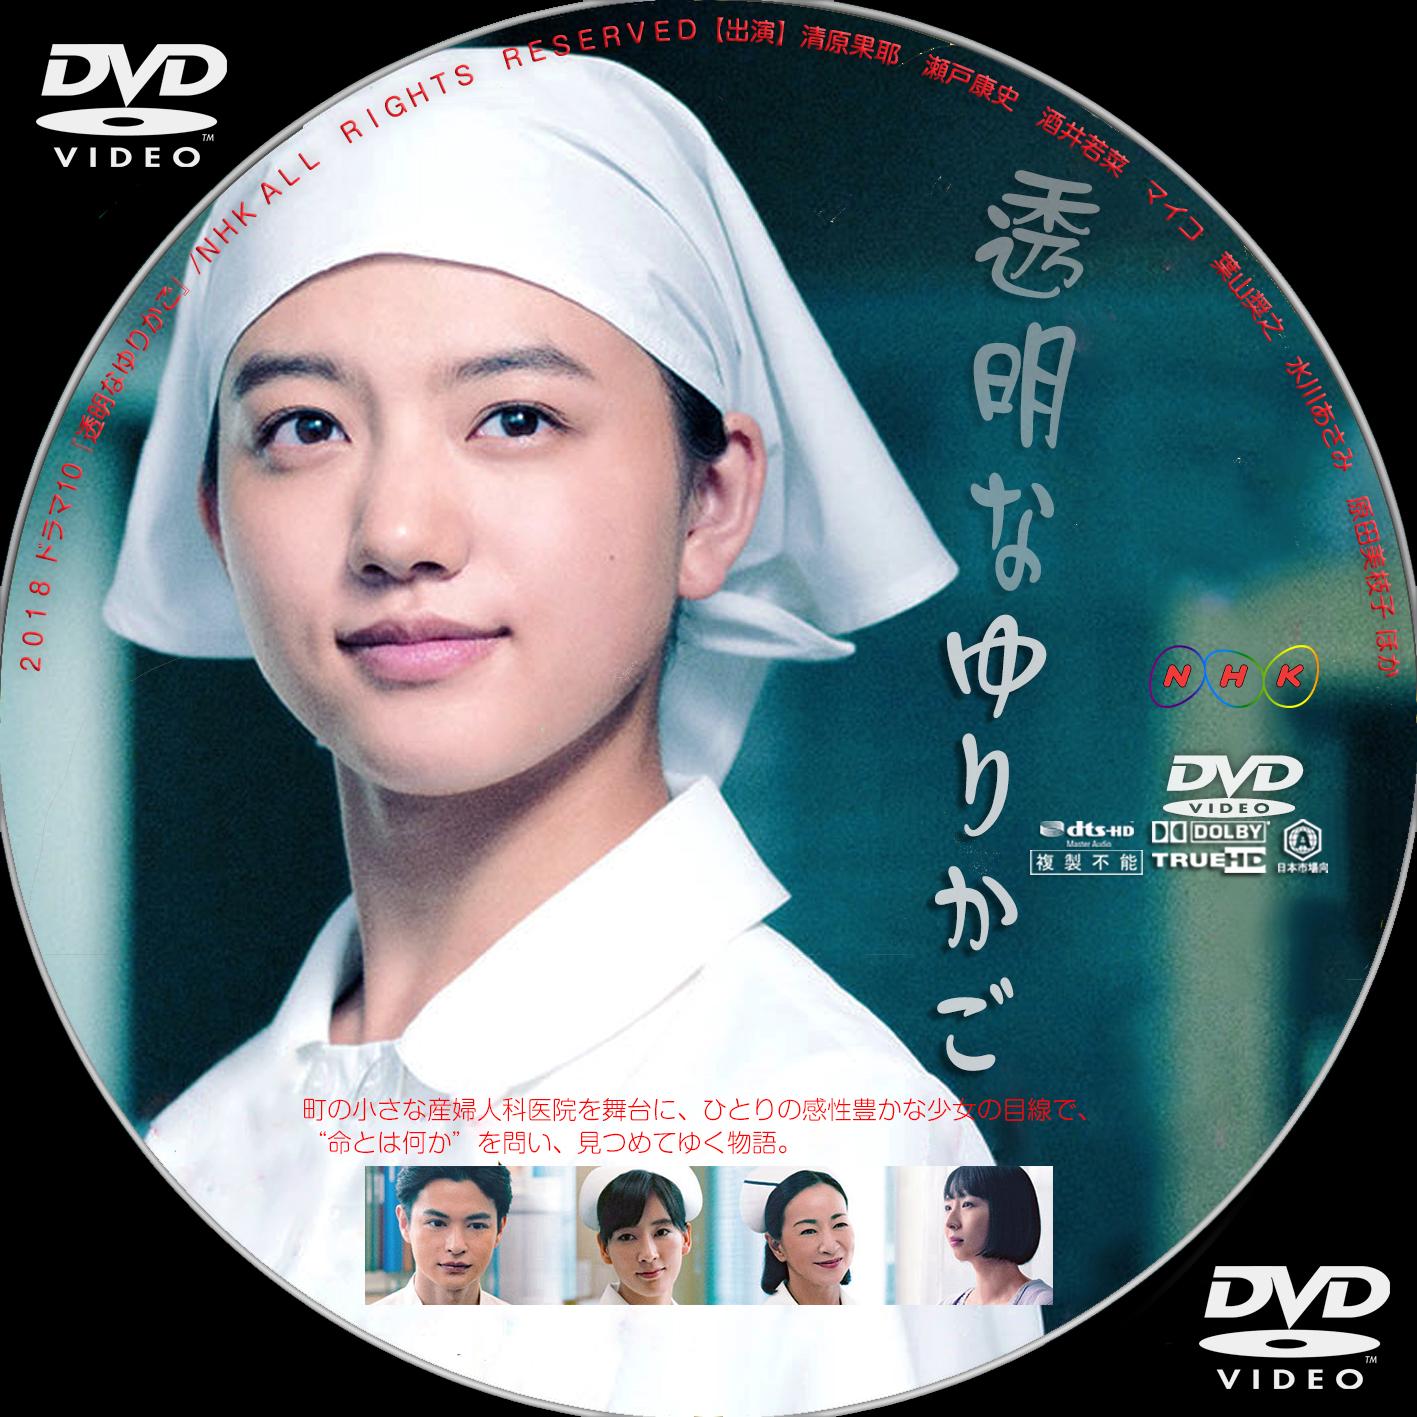 透明 な ゆりかご dvd